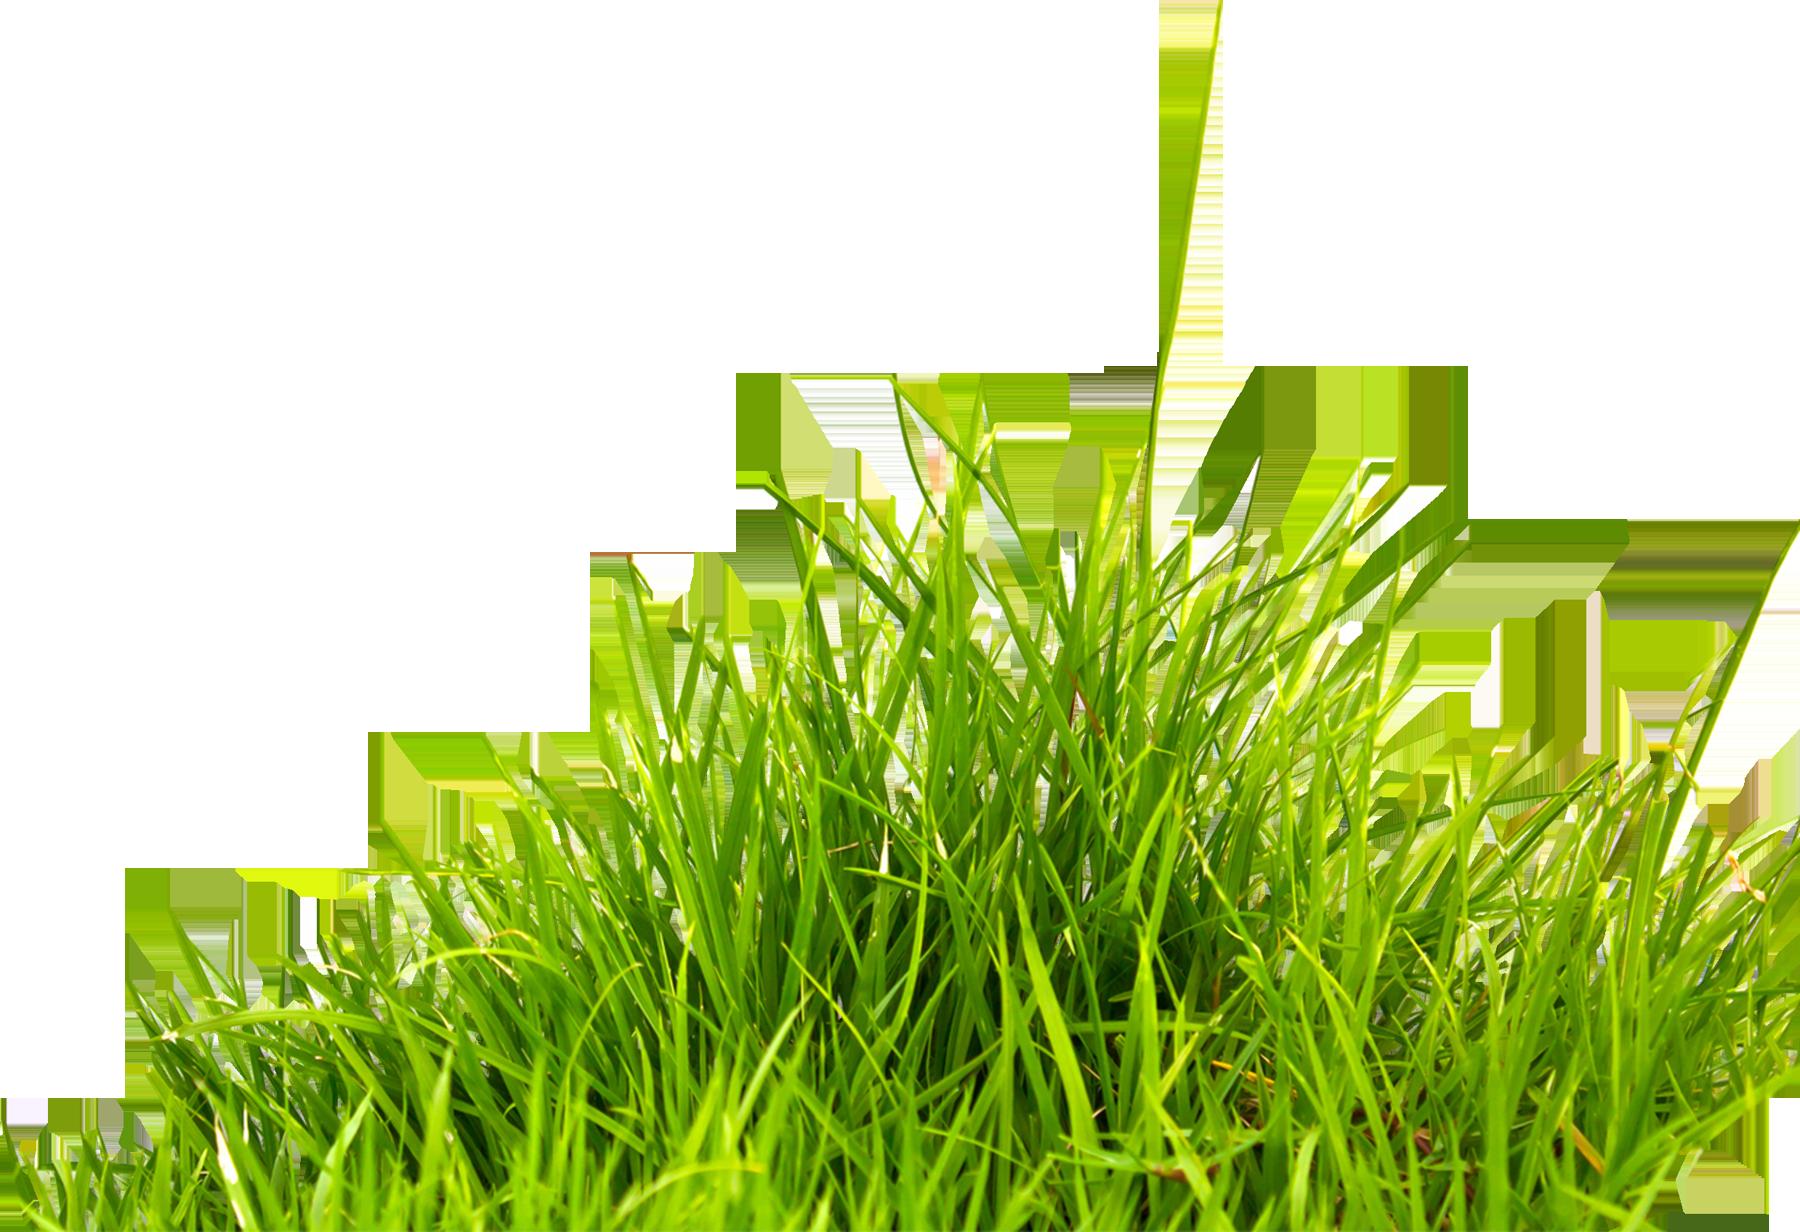 Grass PNG - Grass Image, Green